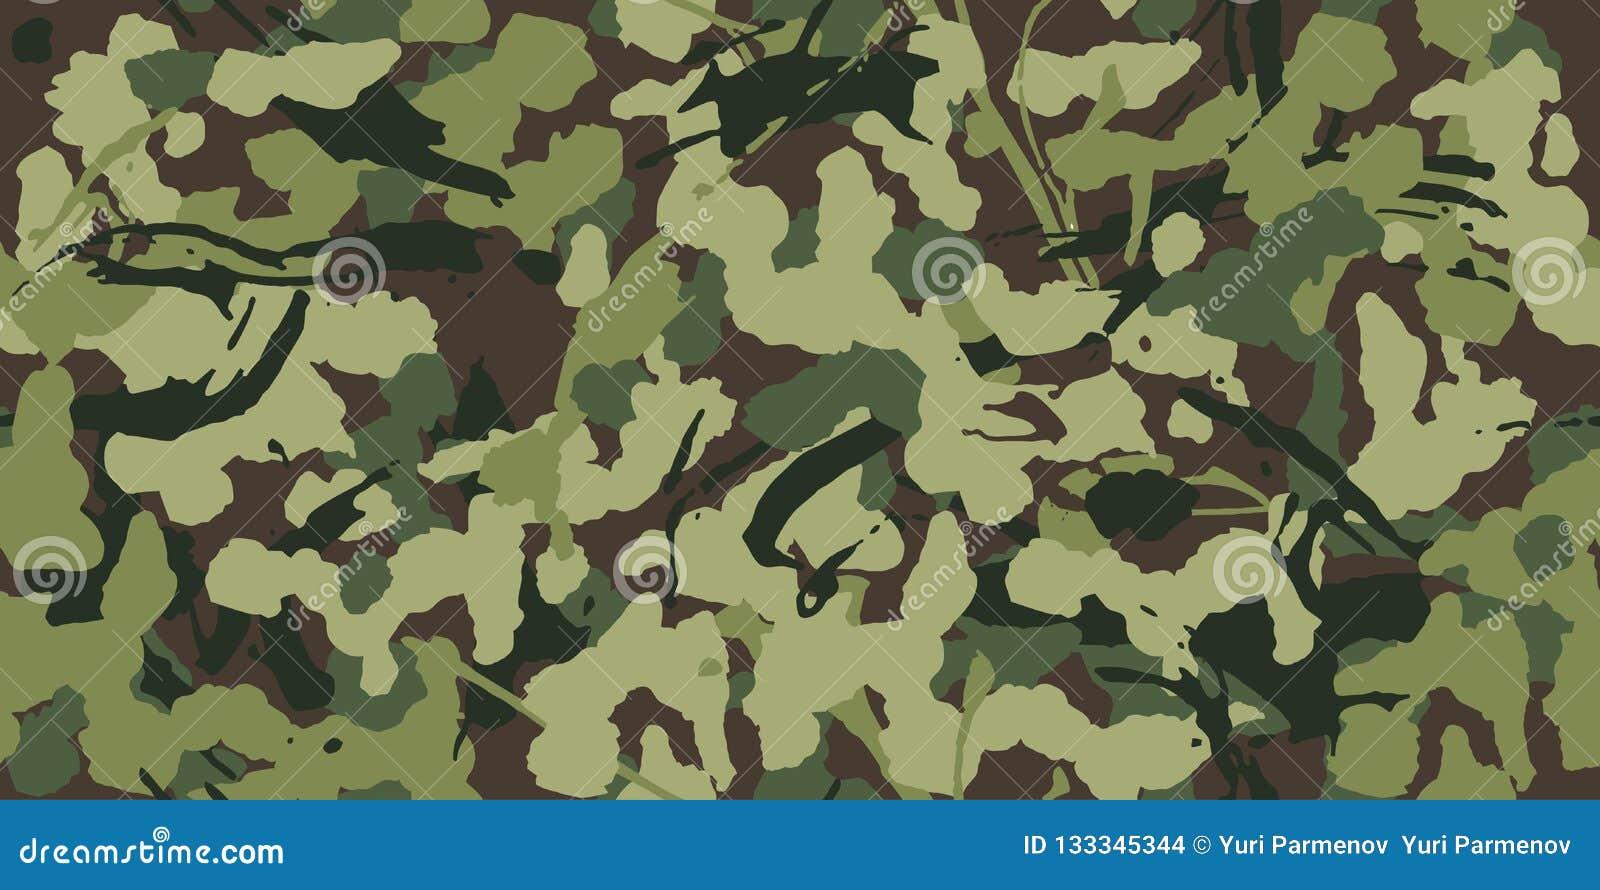 Camuflaje abstracto del grunge, modelo militar, ejército o búsqueda de la textura inconsútil del modelo de la ropa verde